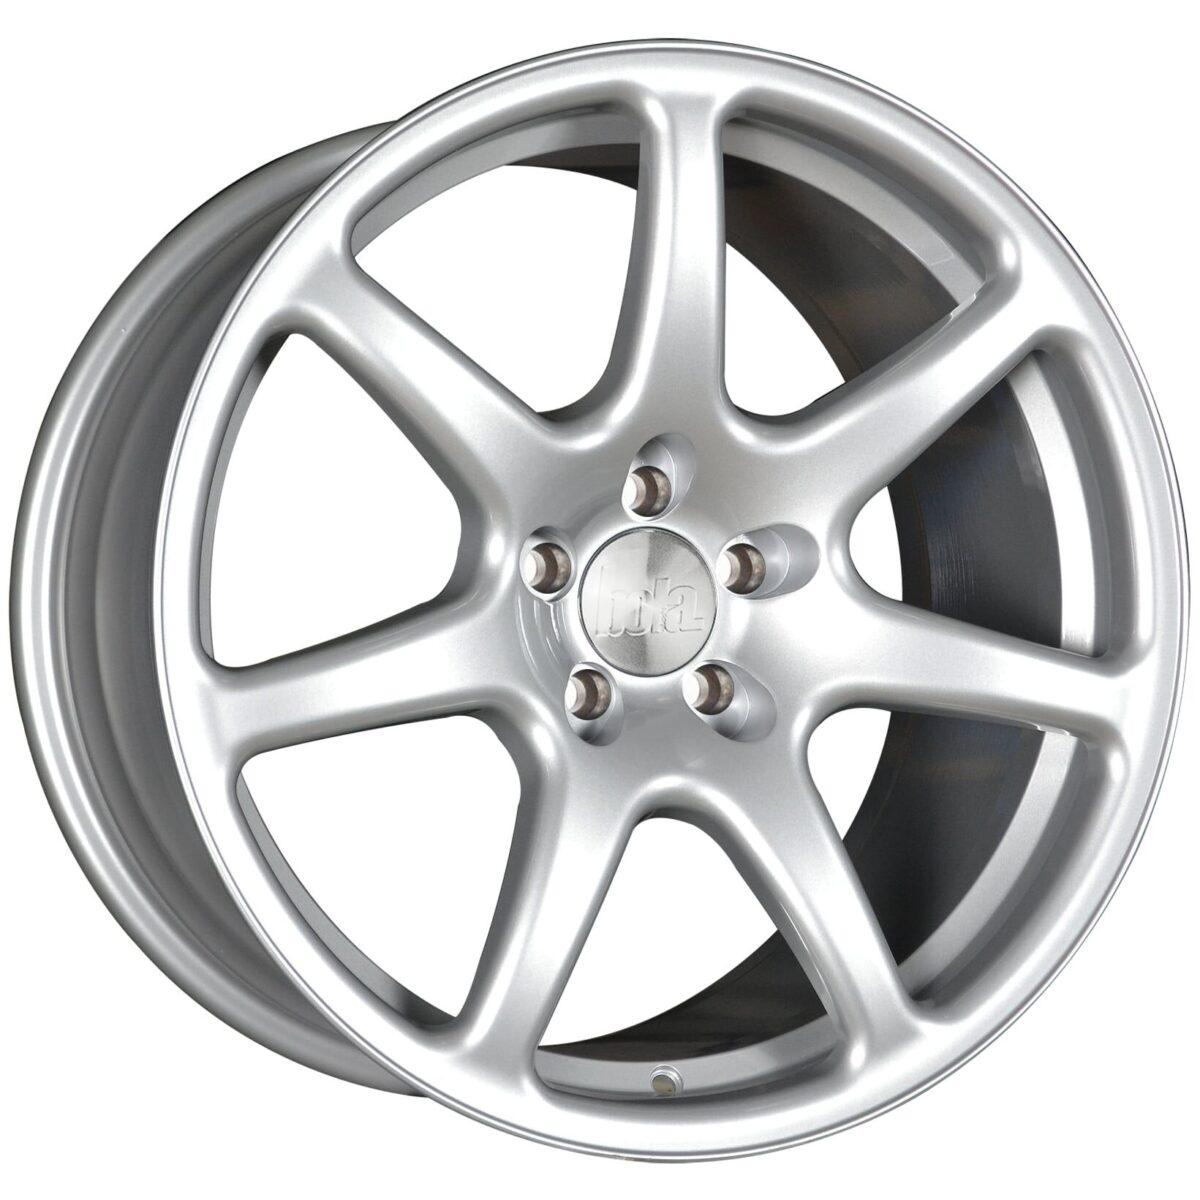 """18"""" BOLA B7 Wheels - Silver - All BMW Models"""